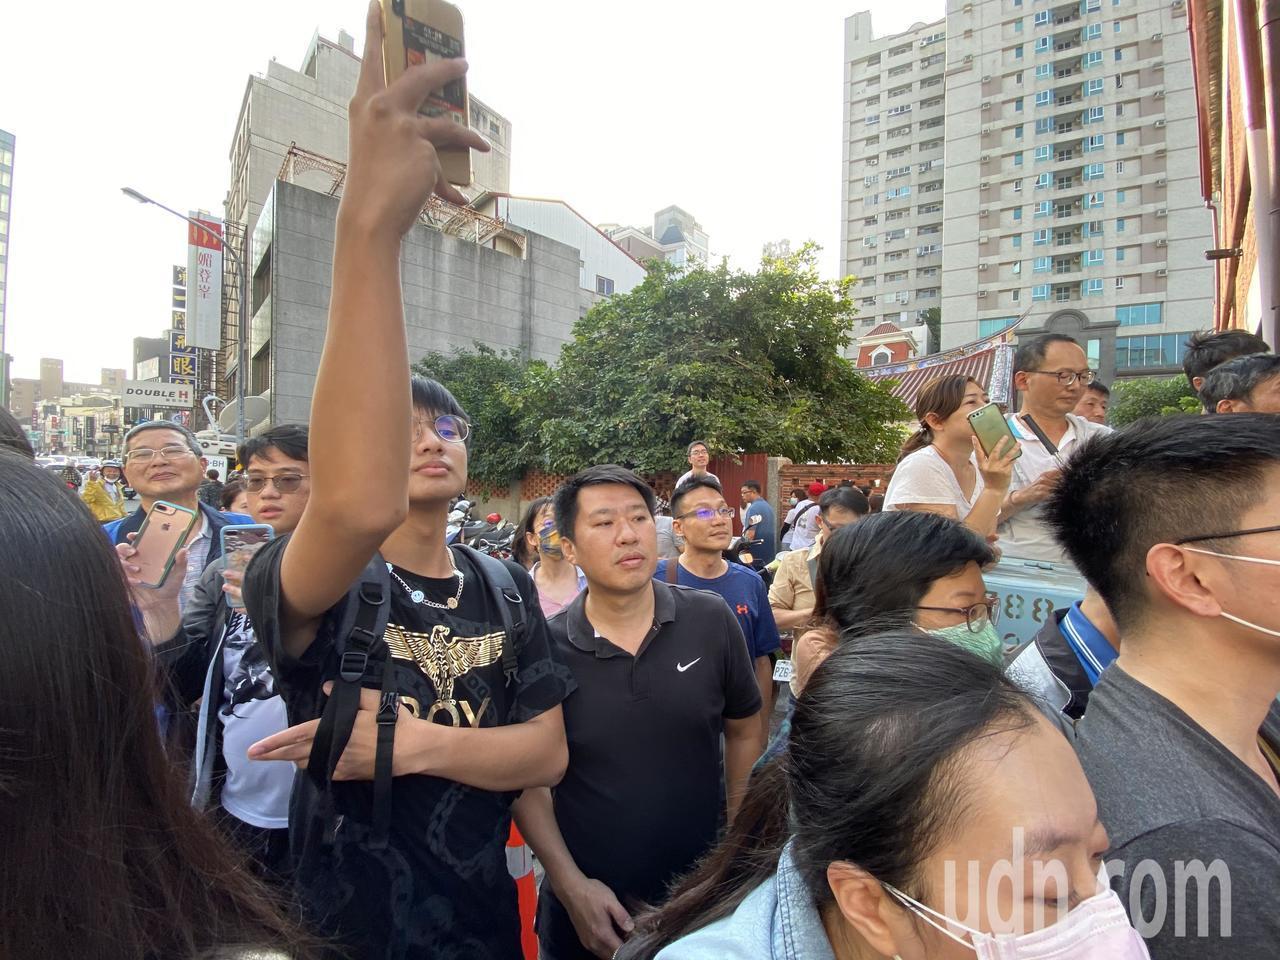 名模林志玲今天在台南出嫁,現場萬人空巷。記者修瑞瑩/攝影